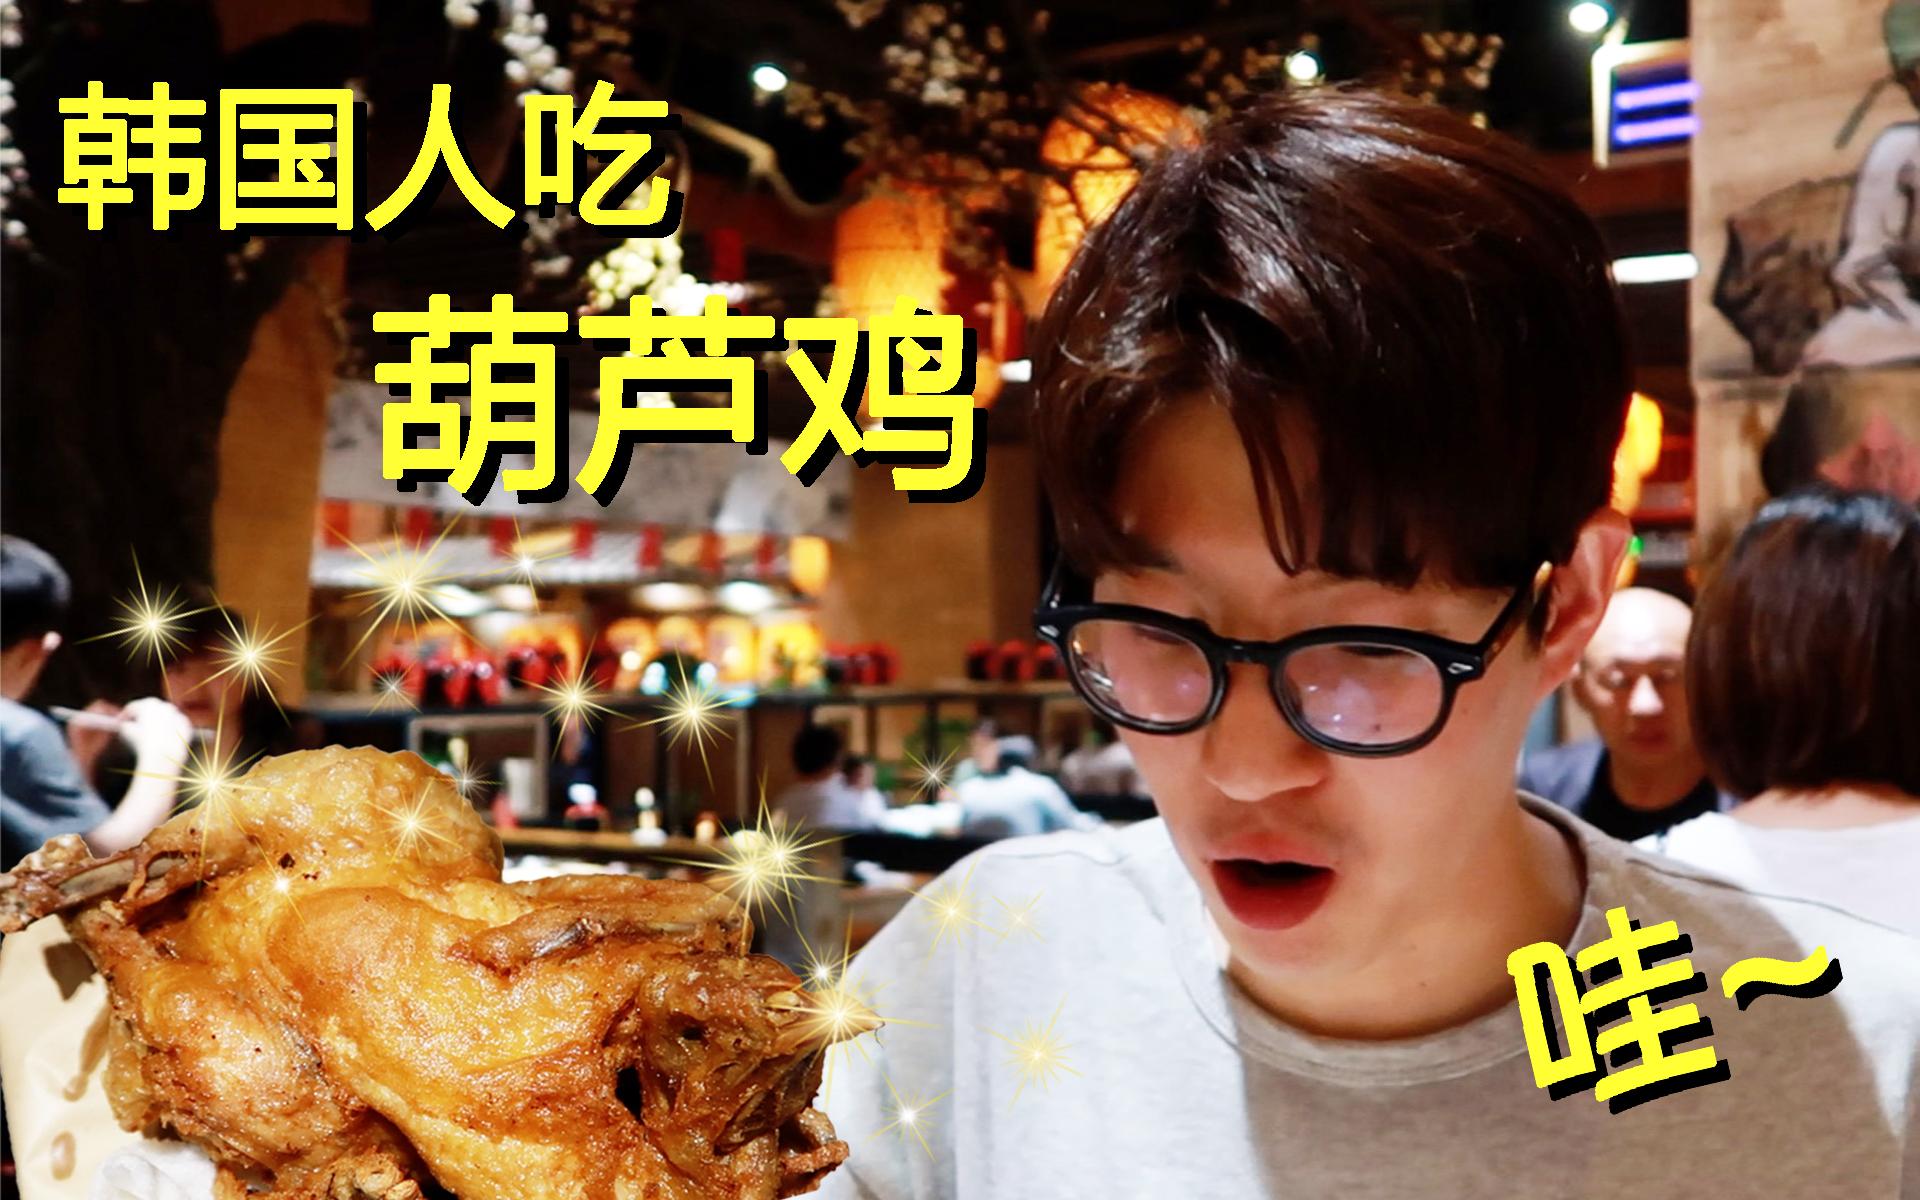 中国葫芦鸡VS韩国炸鸡,韩国人选哪个?